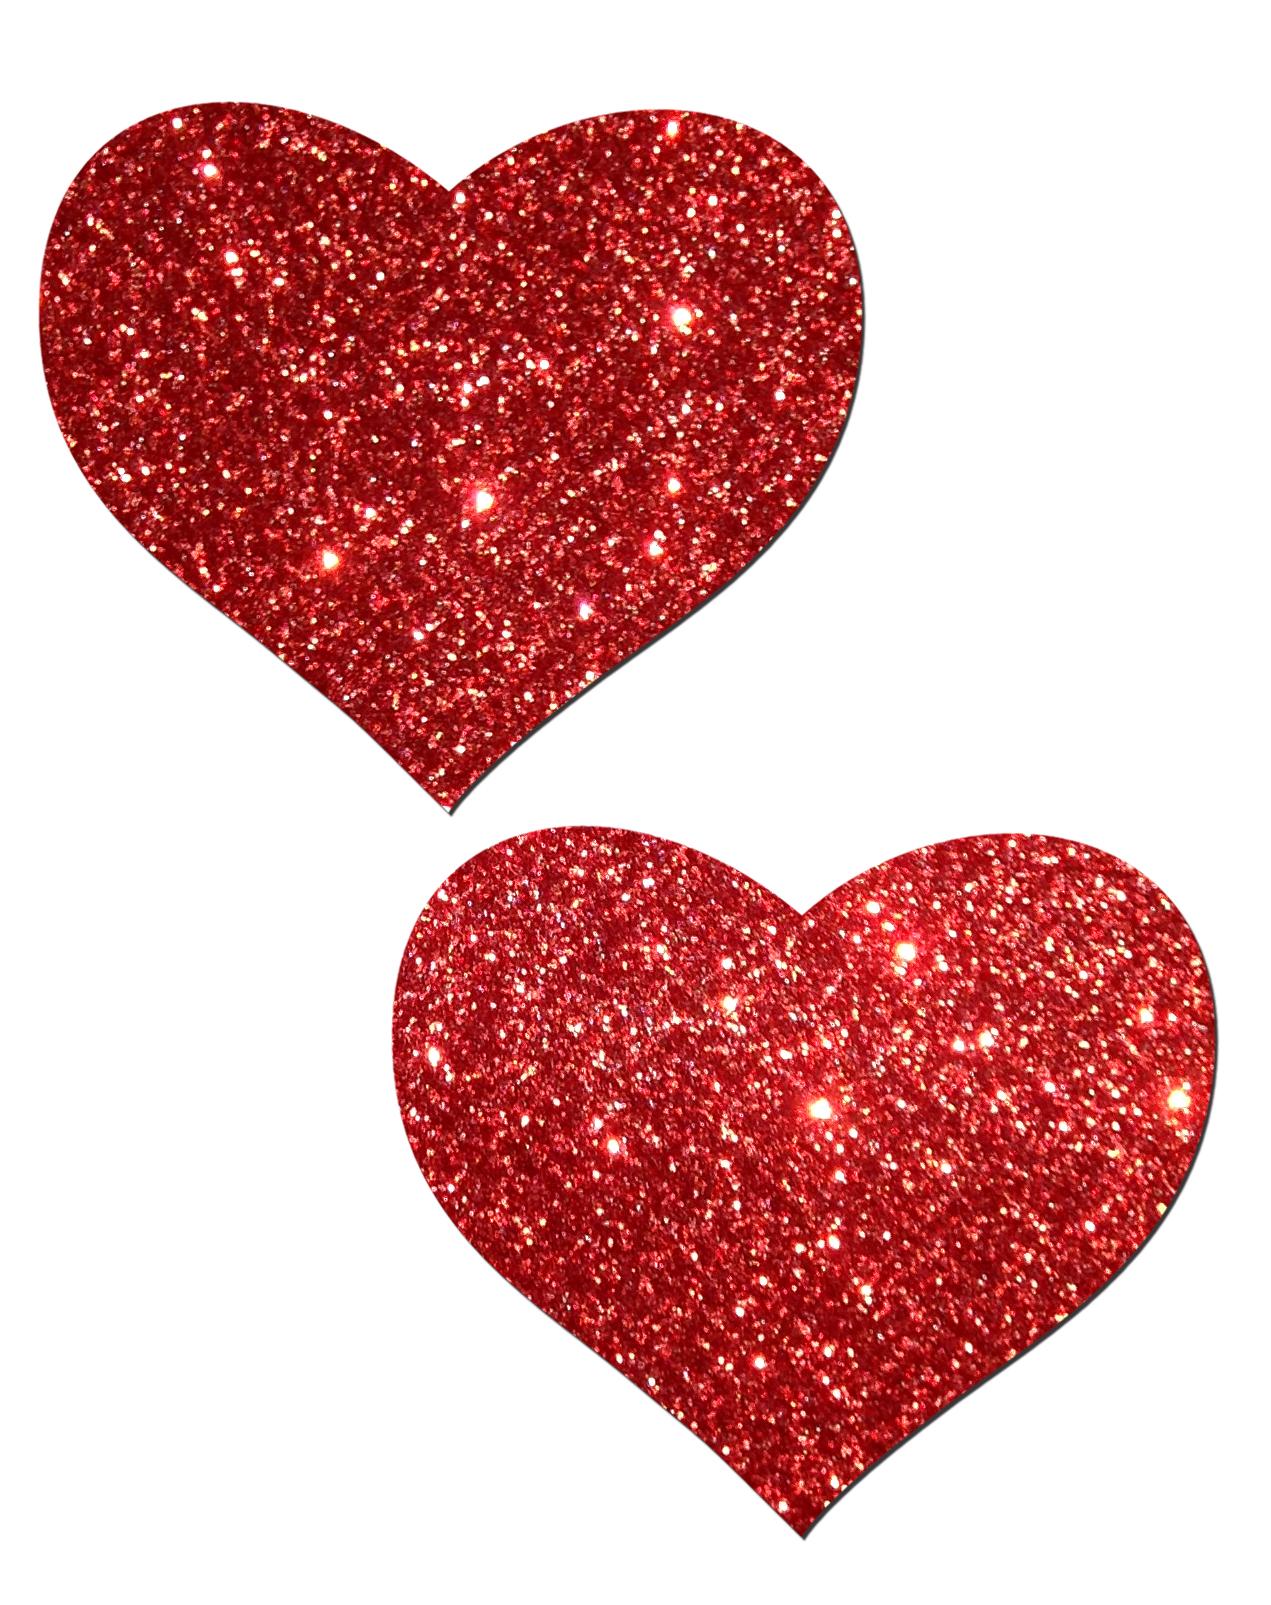 места картинки с сердечками с блестяшками красивые пах